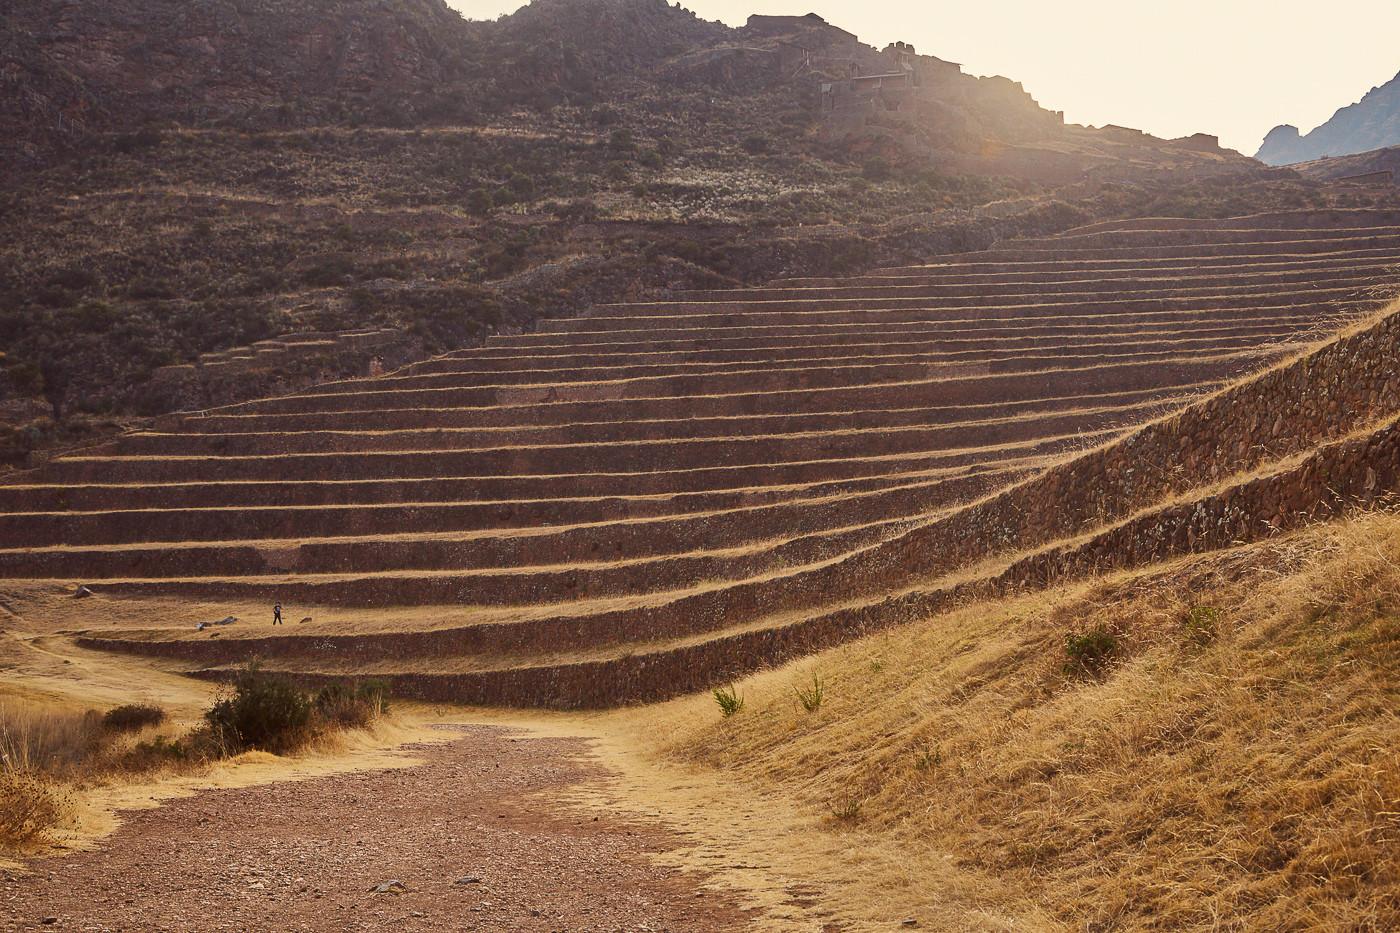 Die Terrassen der Pisac Ruinen im Heiligen Tal der Inka im tief stehenden Sonnenlicht